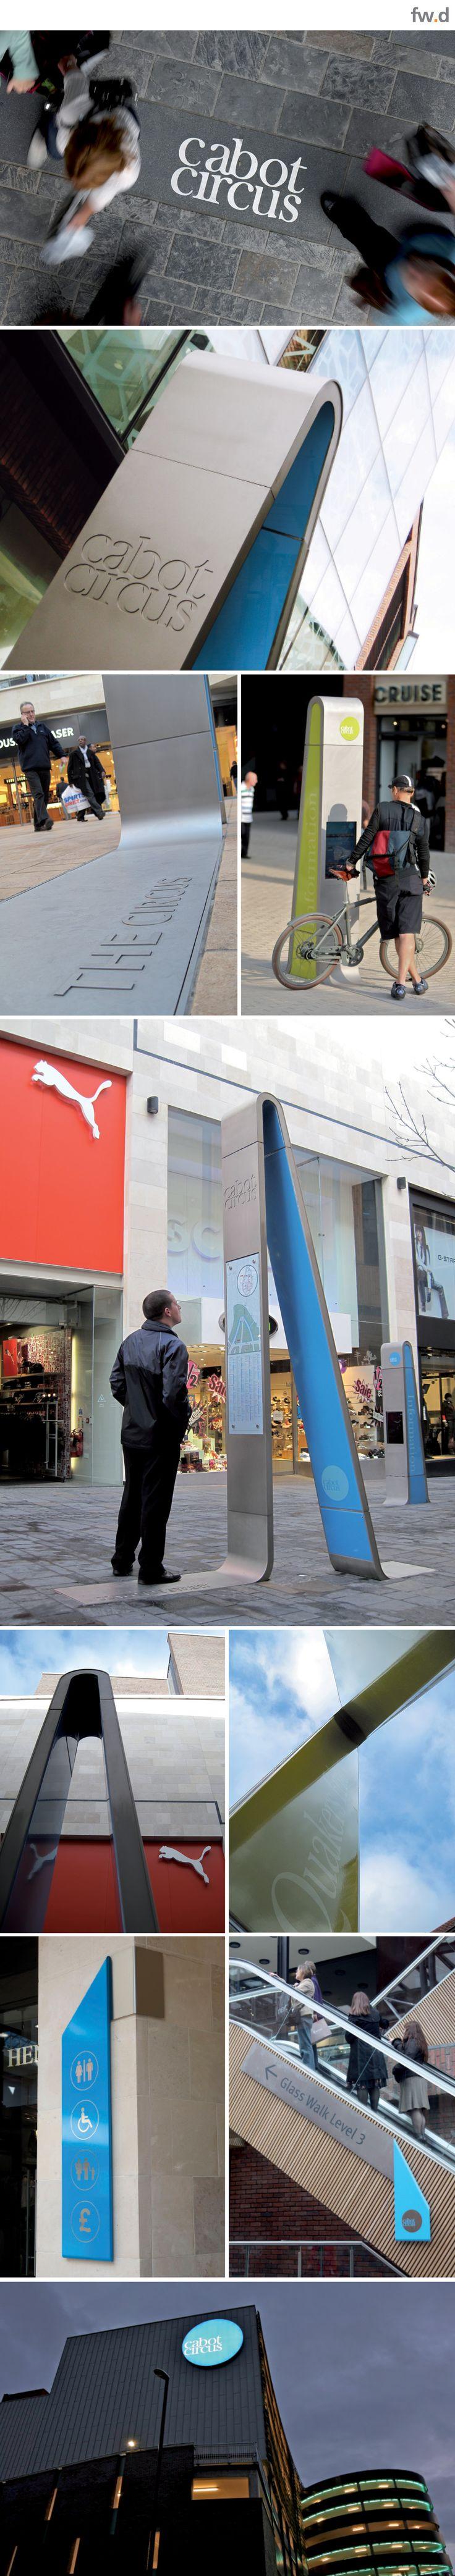 Retail destination, Cabot Circus, Bristol pedestrian wayfinding & signage design by fwdesign. www.fwdesign.com